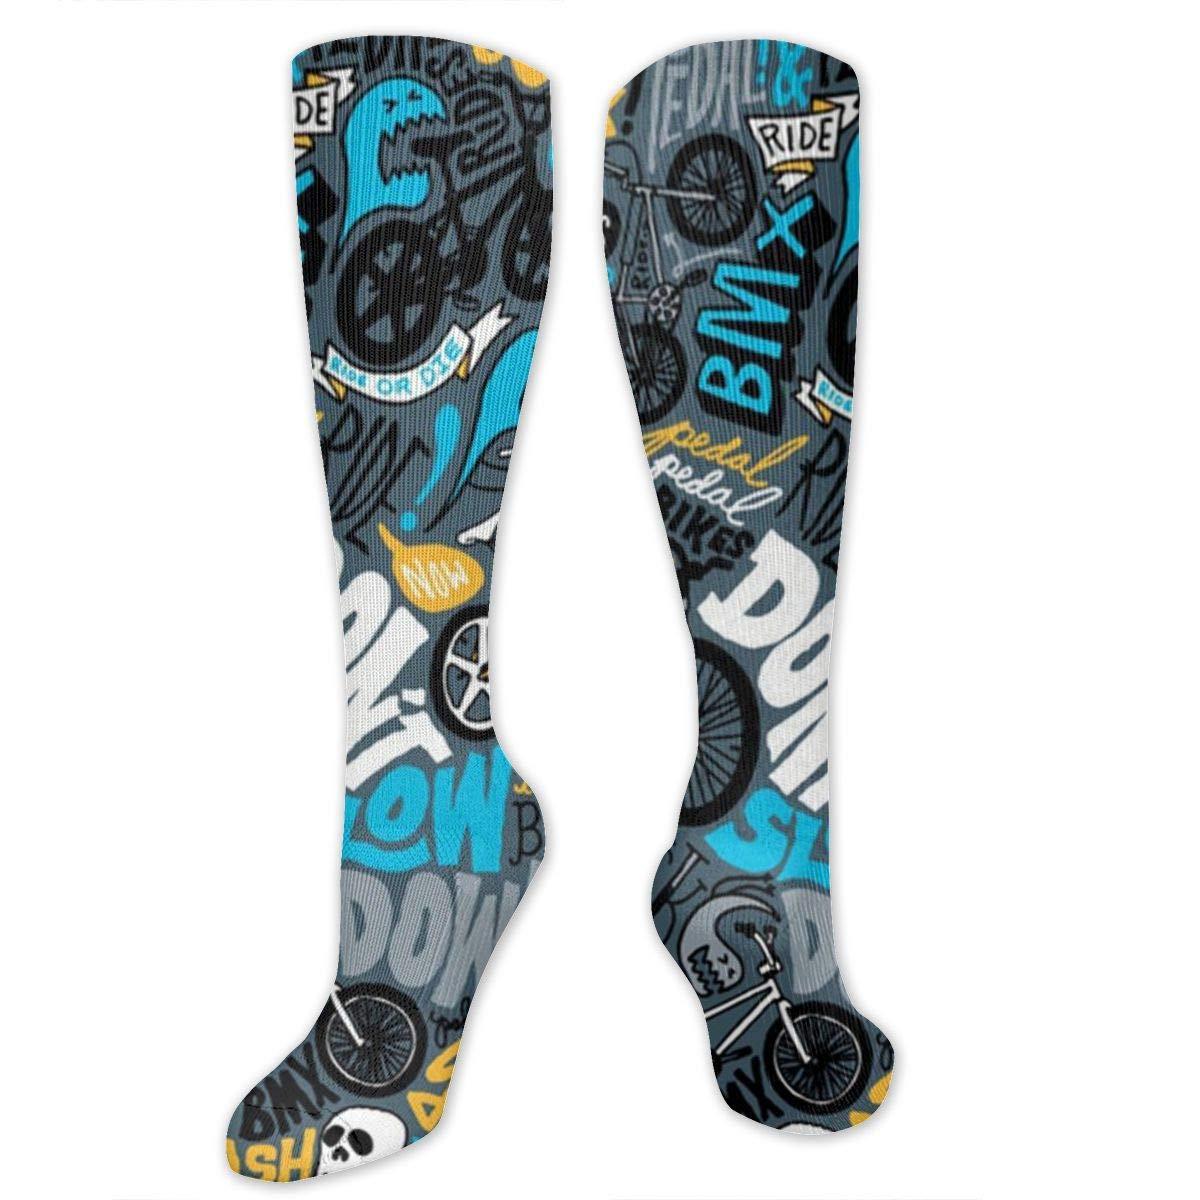 Starballest BMX Pattern Socks for Women Tube Socks Thermal Socks